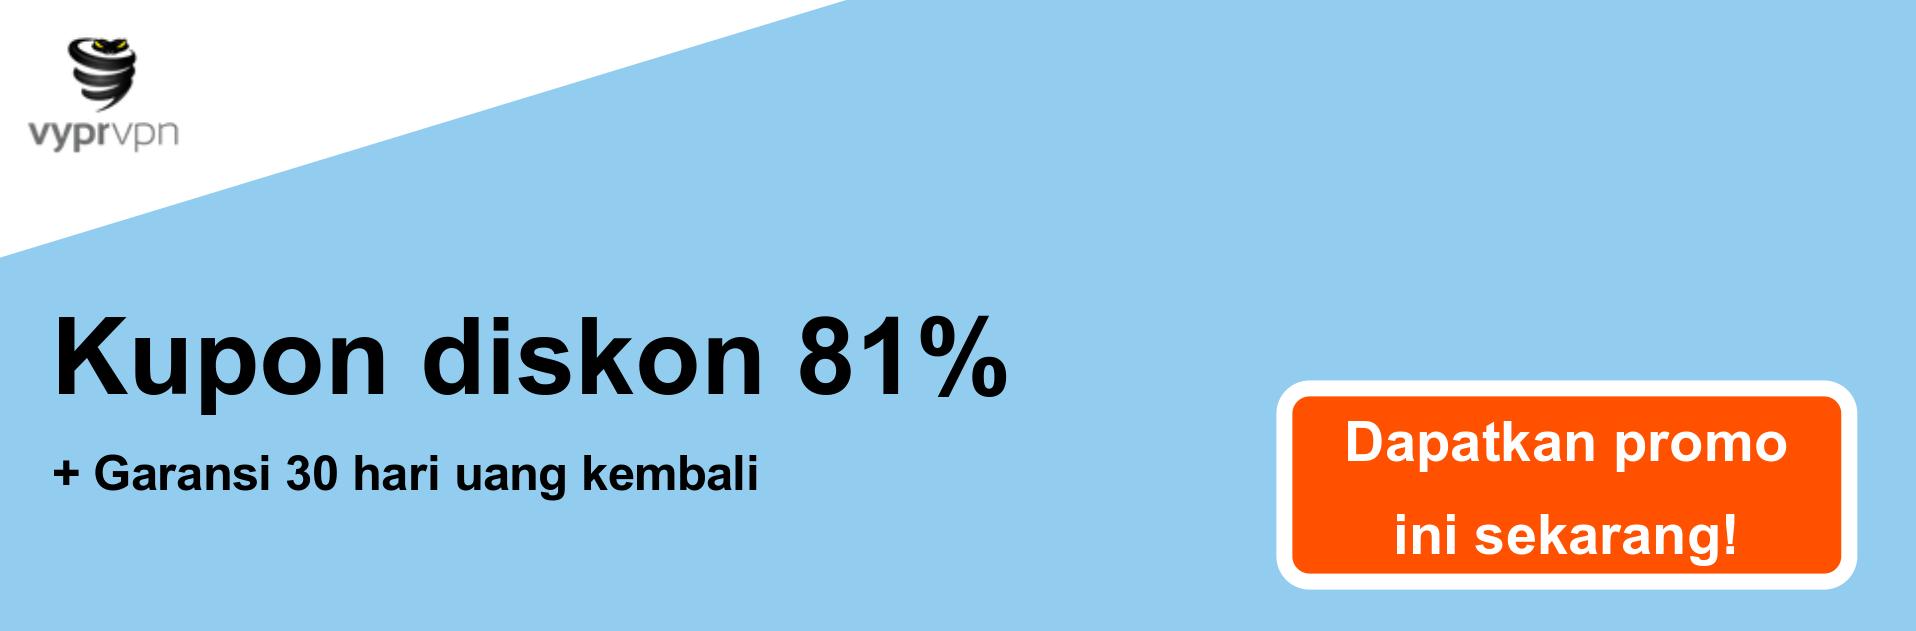 Spanduk kupon Vypr VPN - diskon 81%